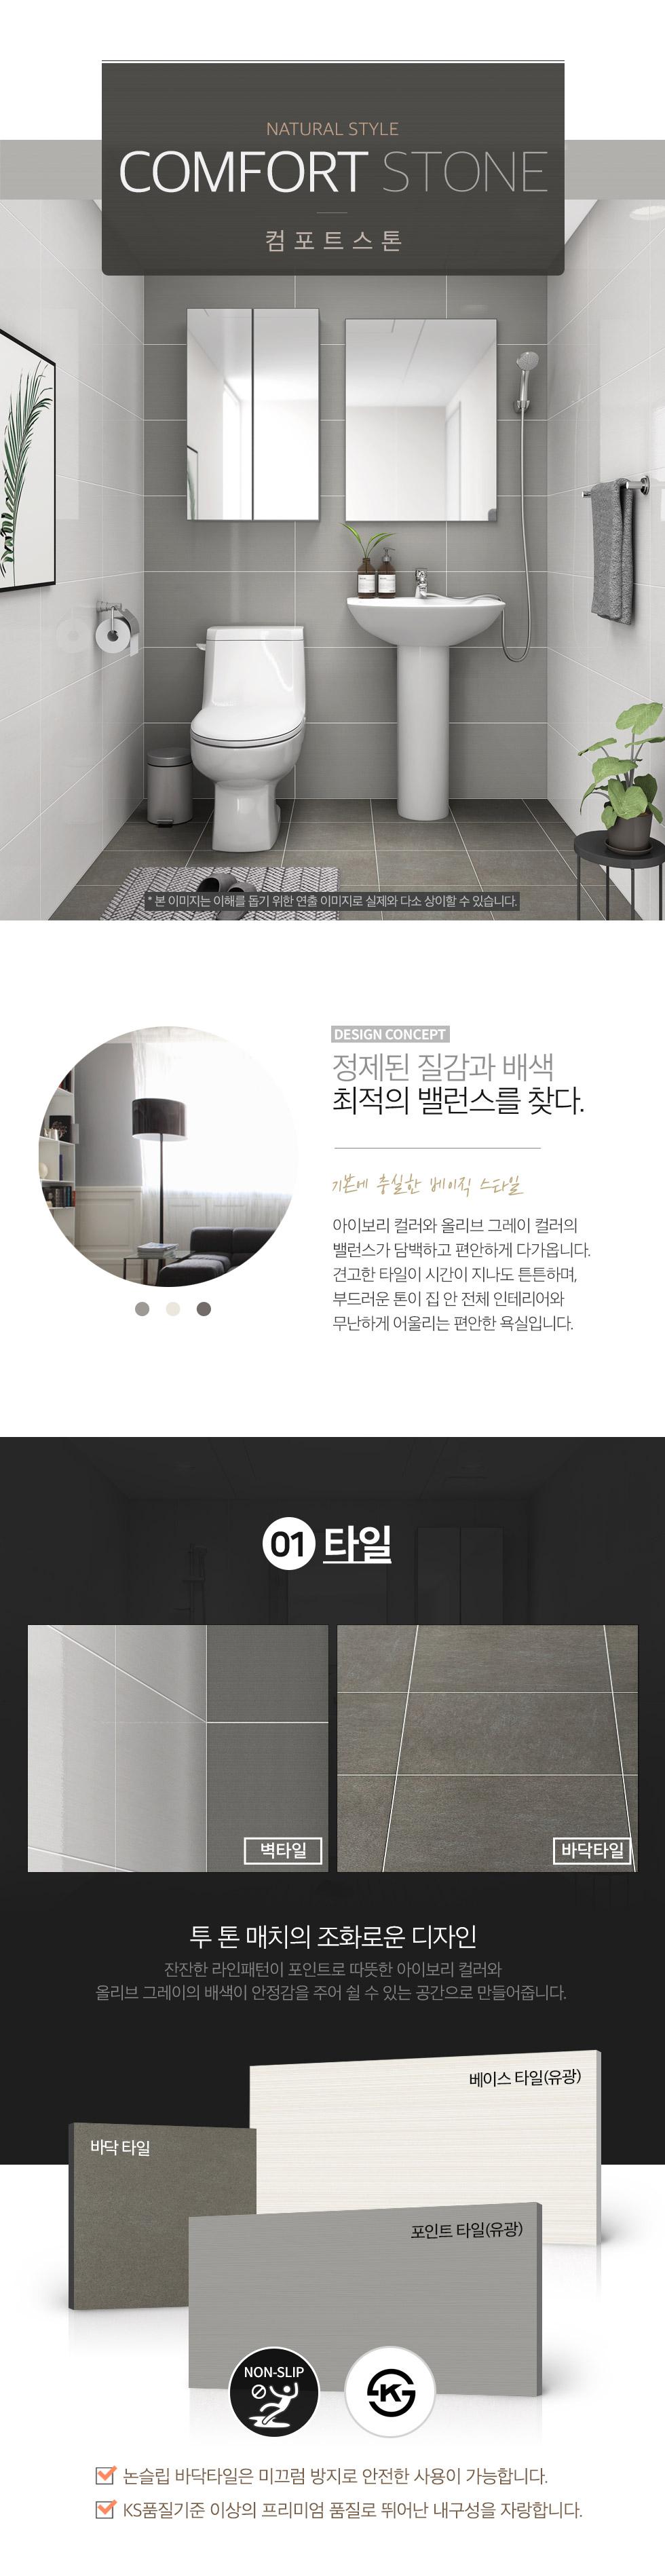 컴포트 스톤 부부욕실 소개01